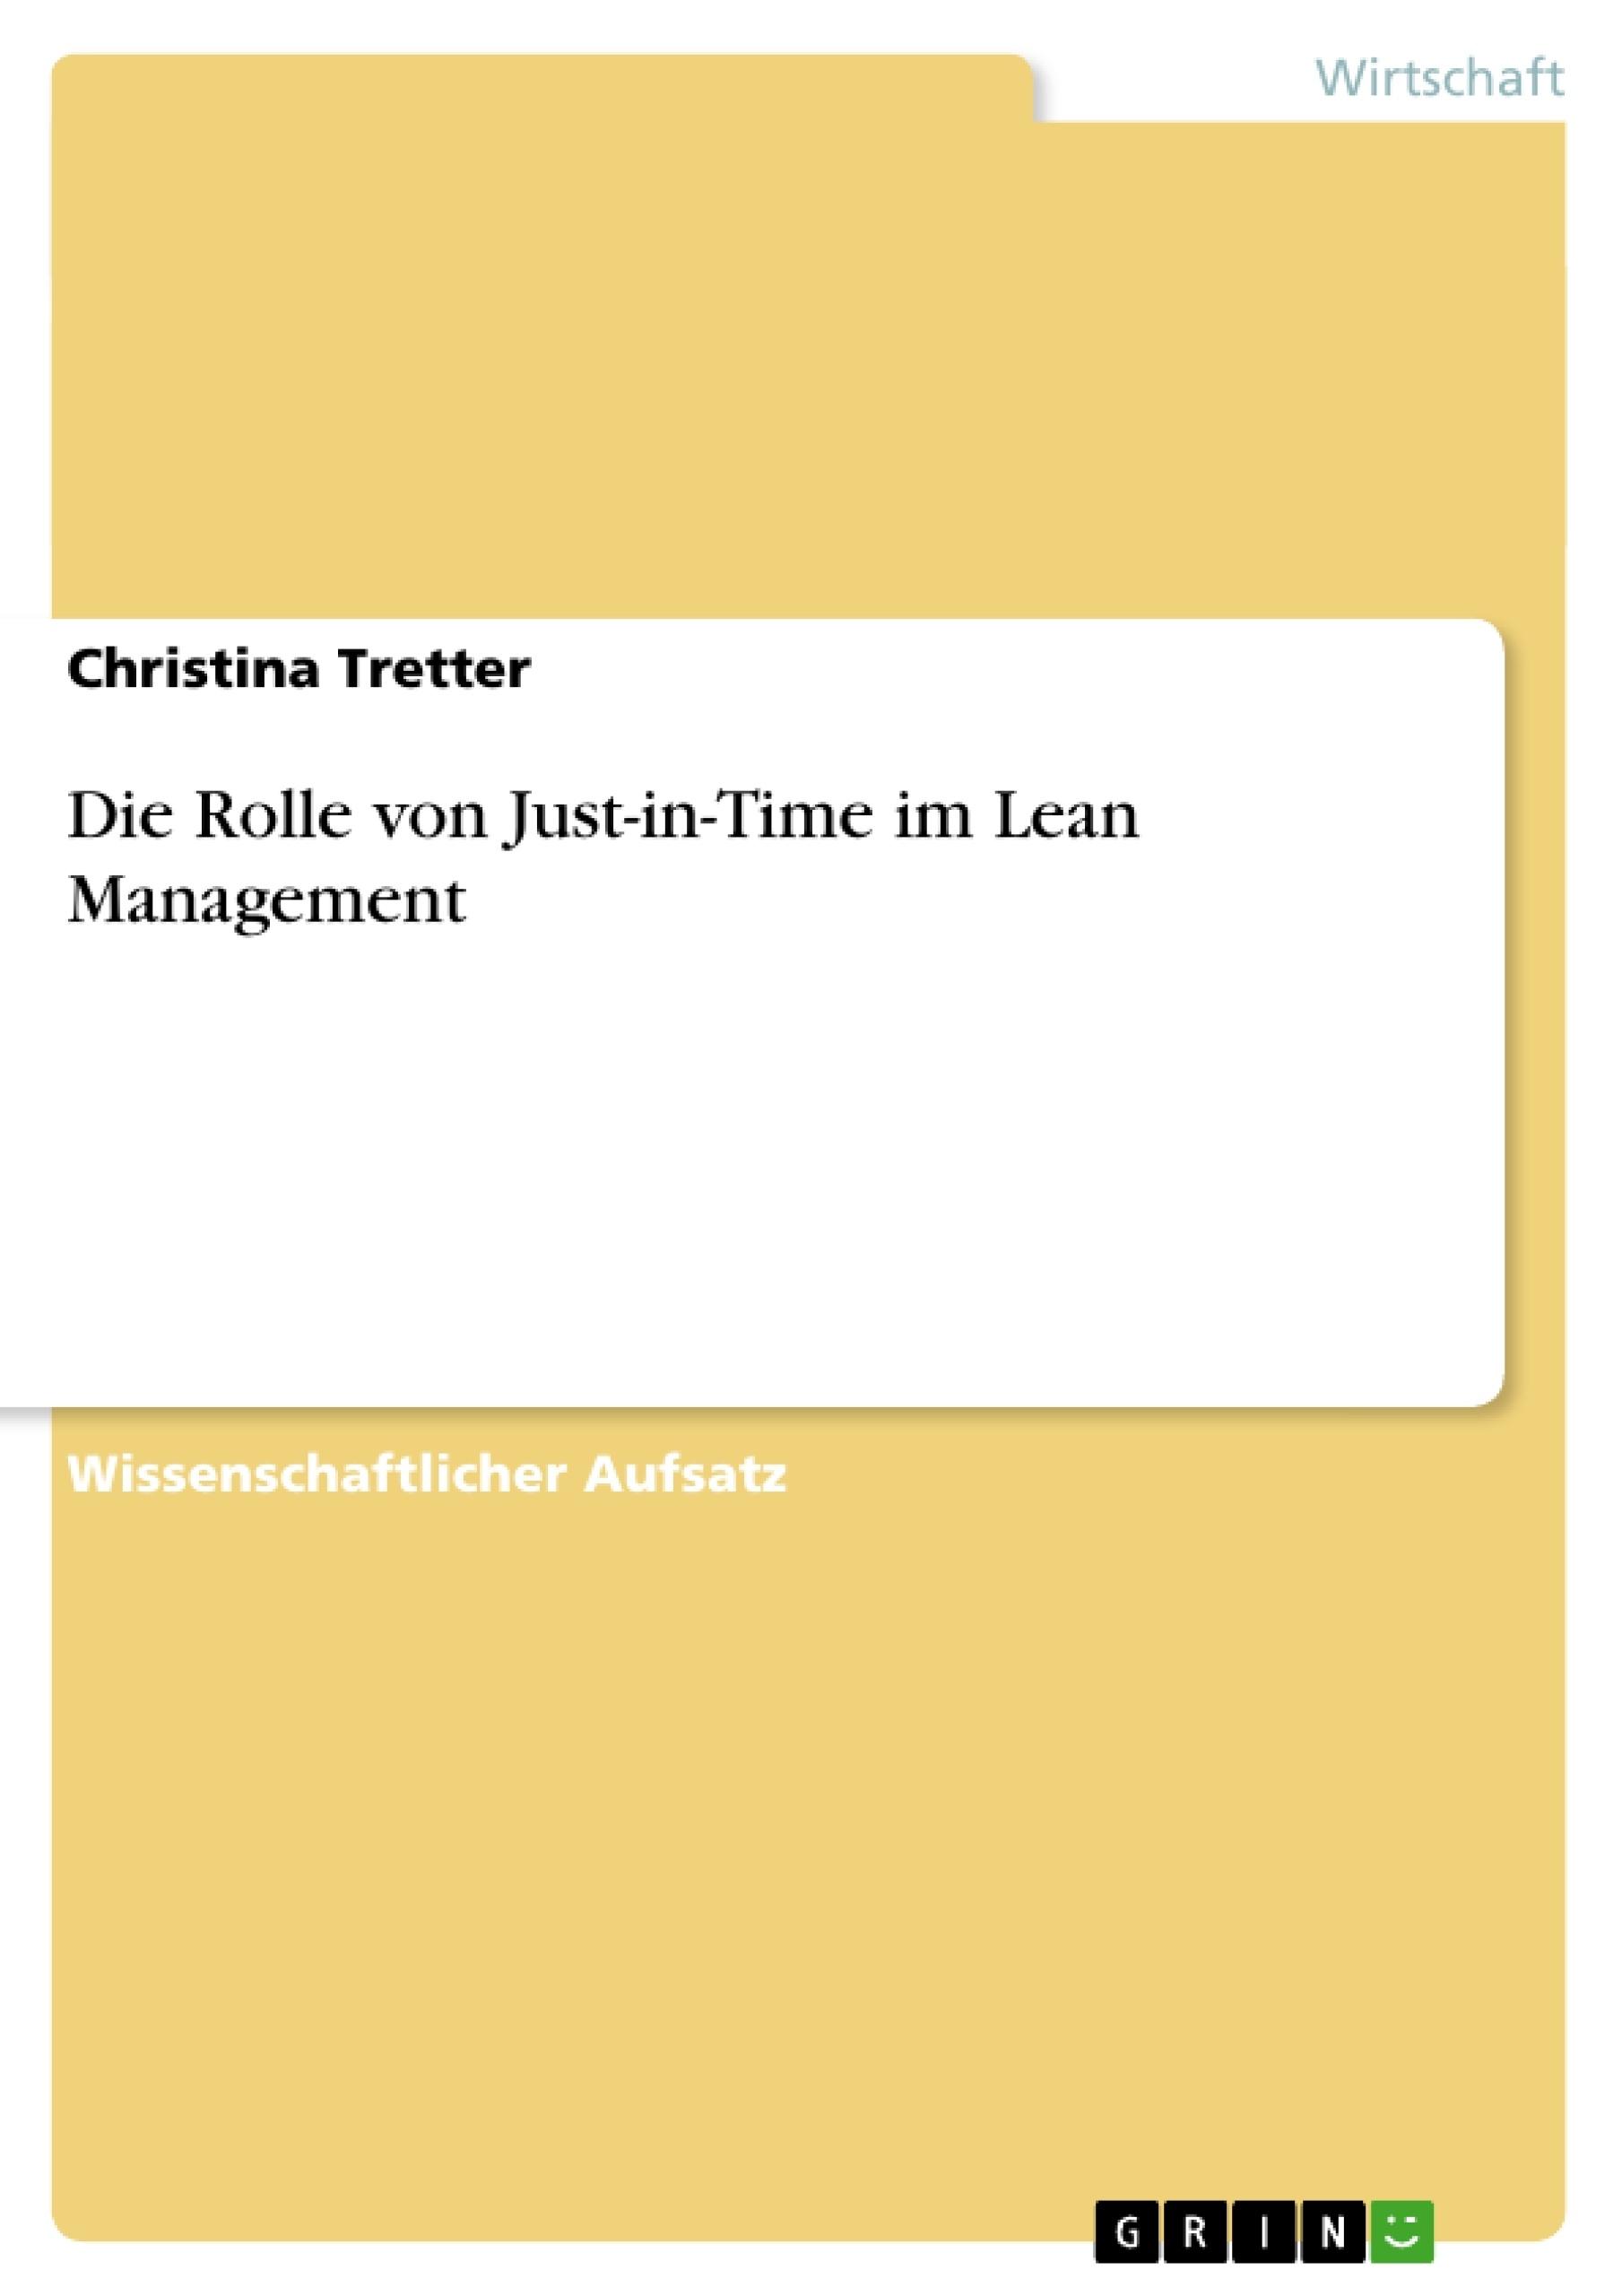 Titel: Die Rolle von Just-in-Time im Lean Management